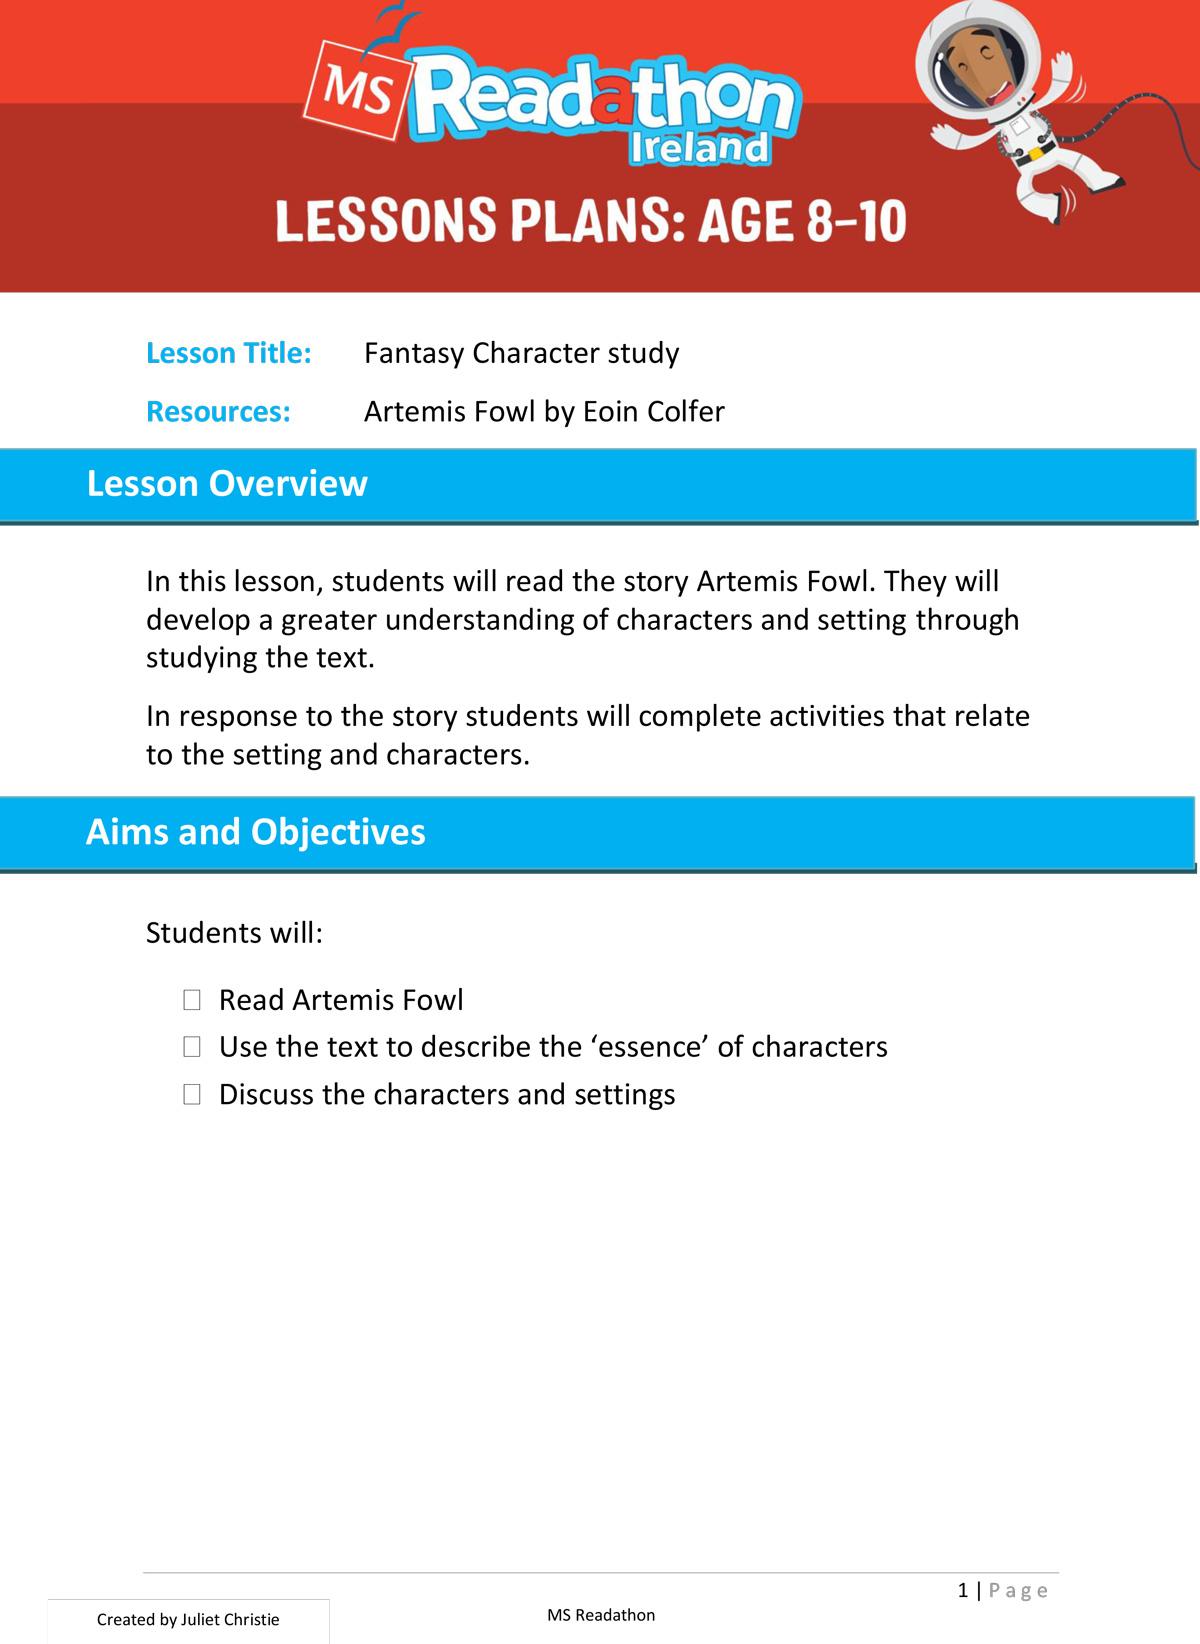 Lesson plans: Age 8-10